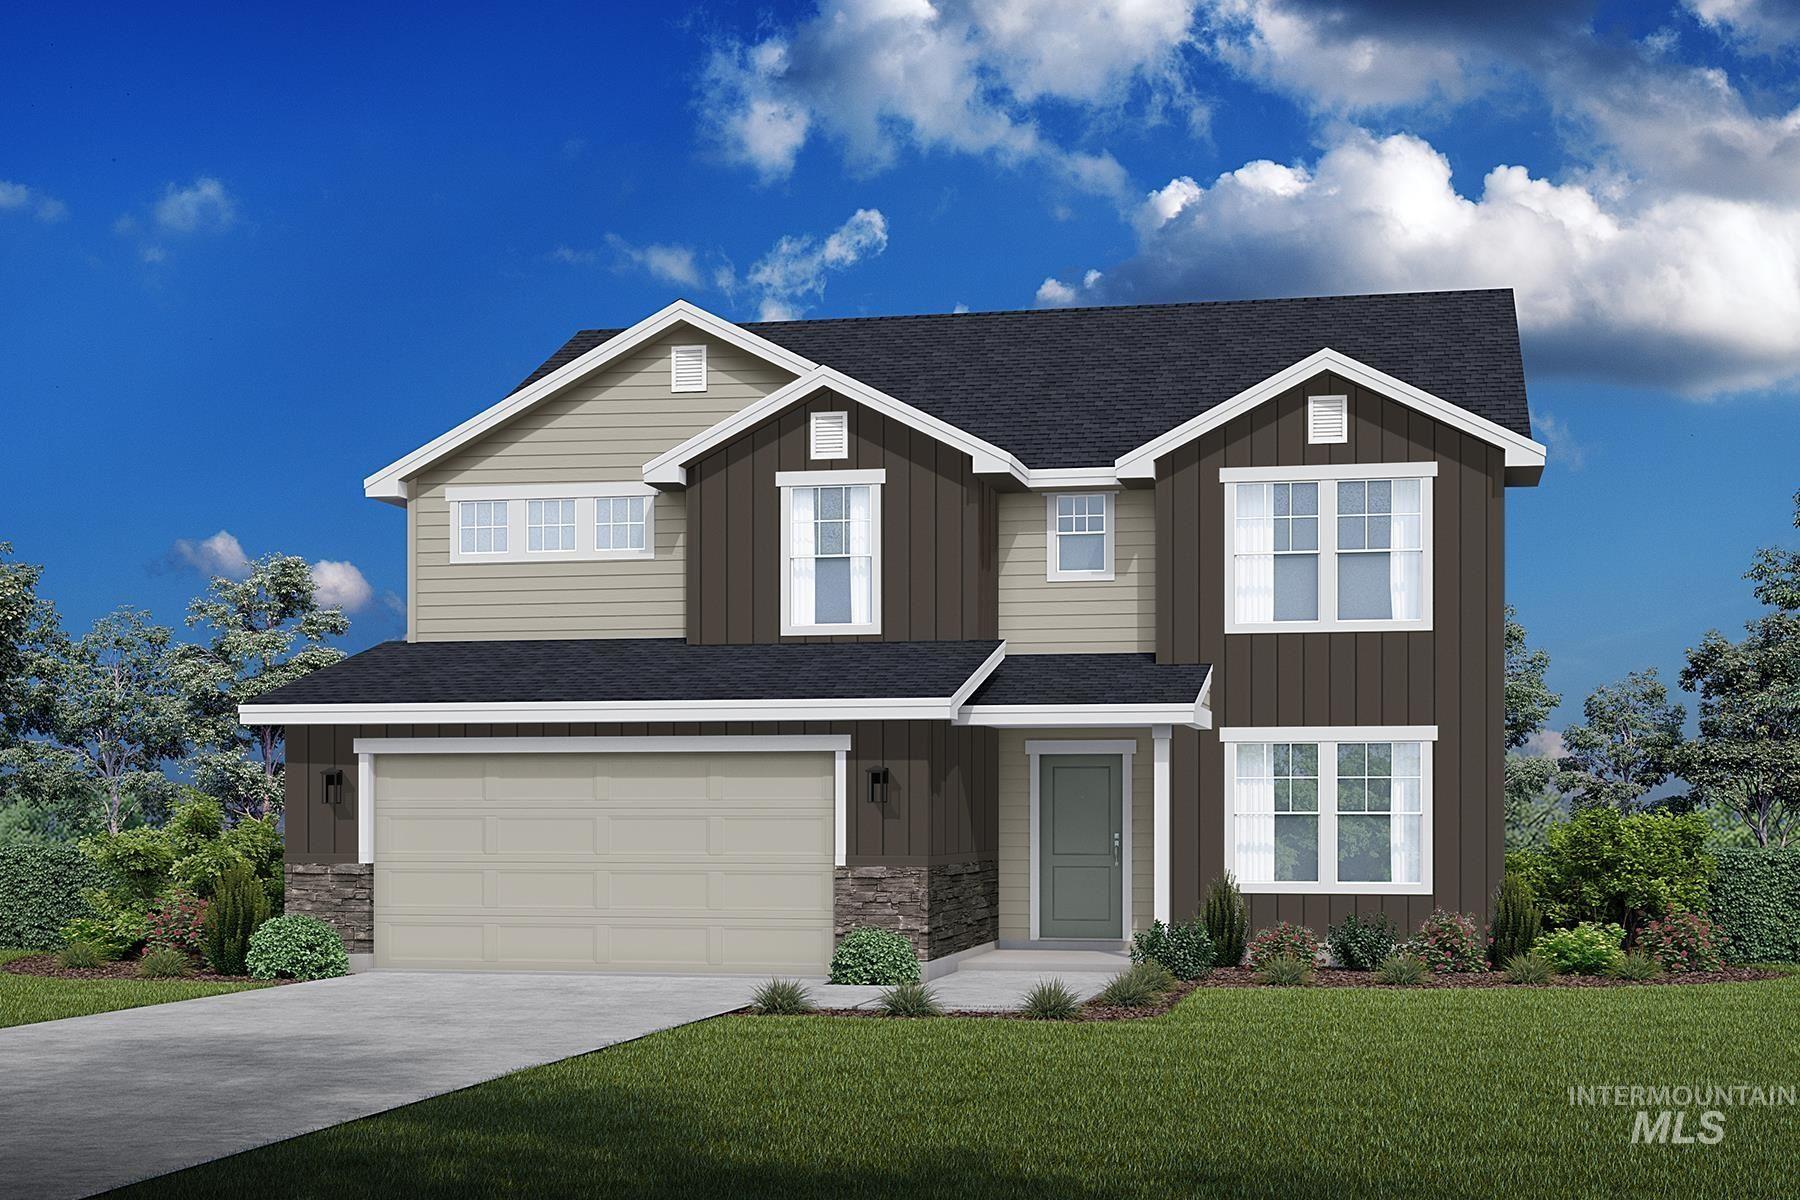 11394 W Broadstone St., Nampa, ID 83651 - MLS#: 98814223